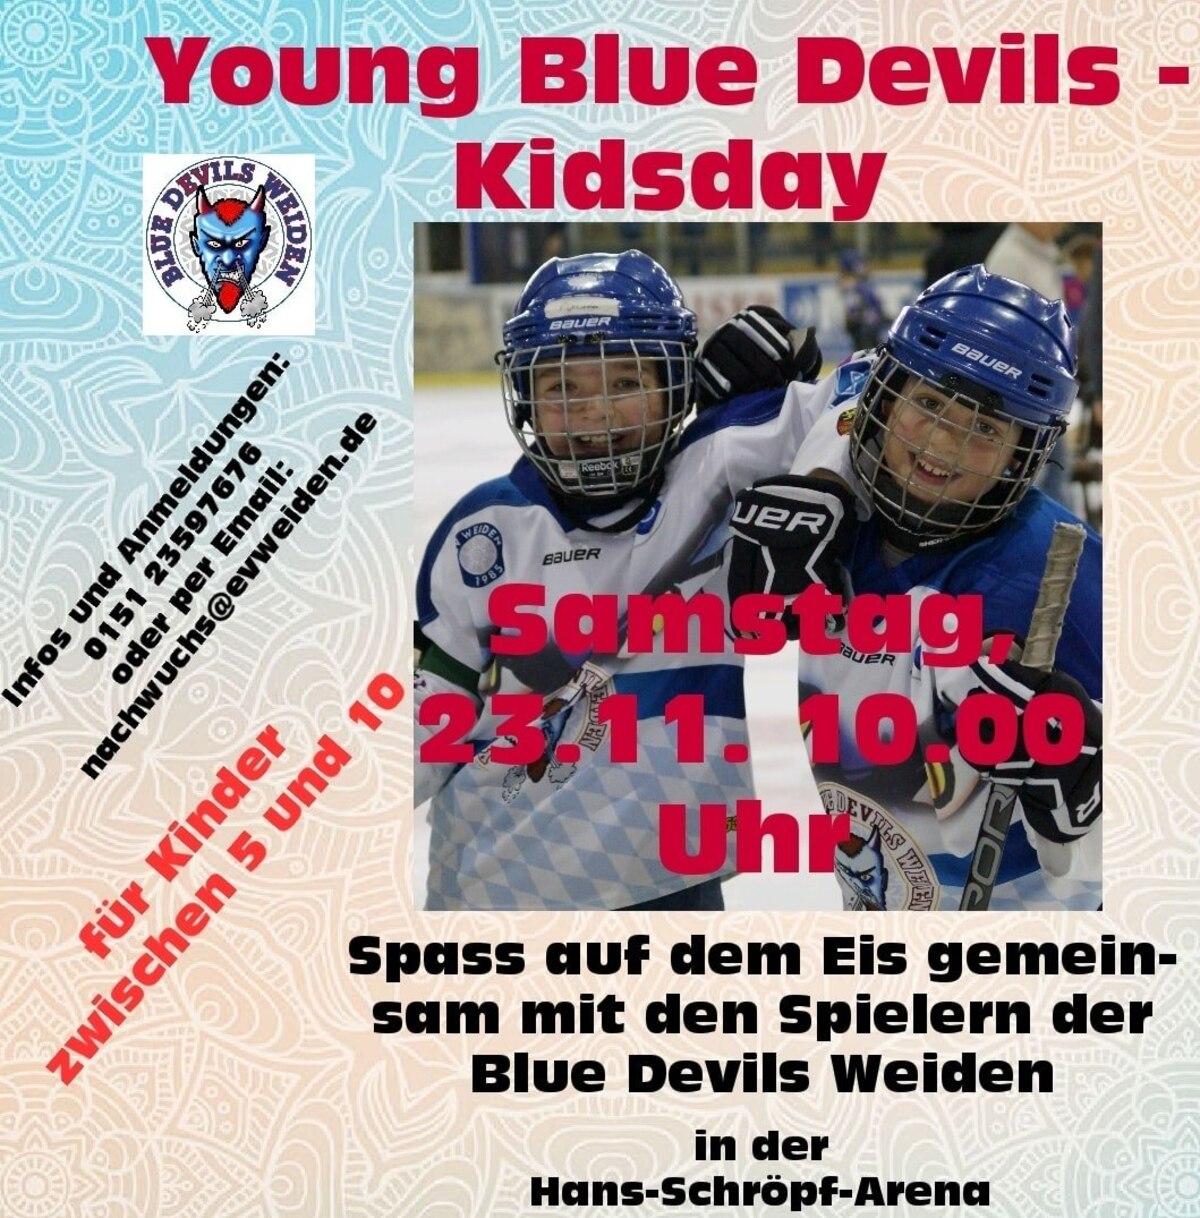 © Foto: Eishockey Young Blue Devils Weiden